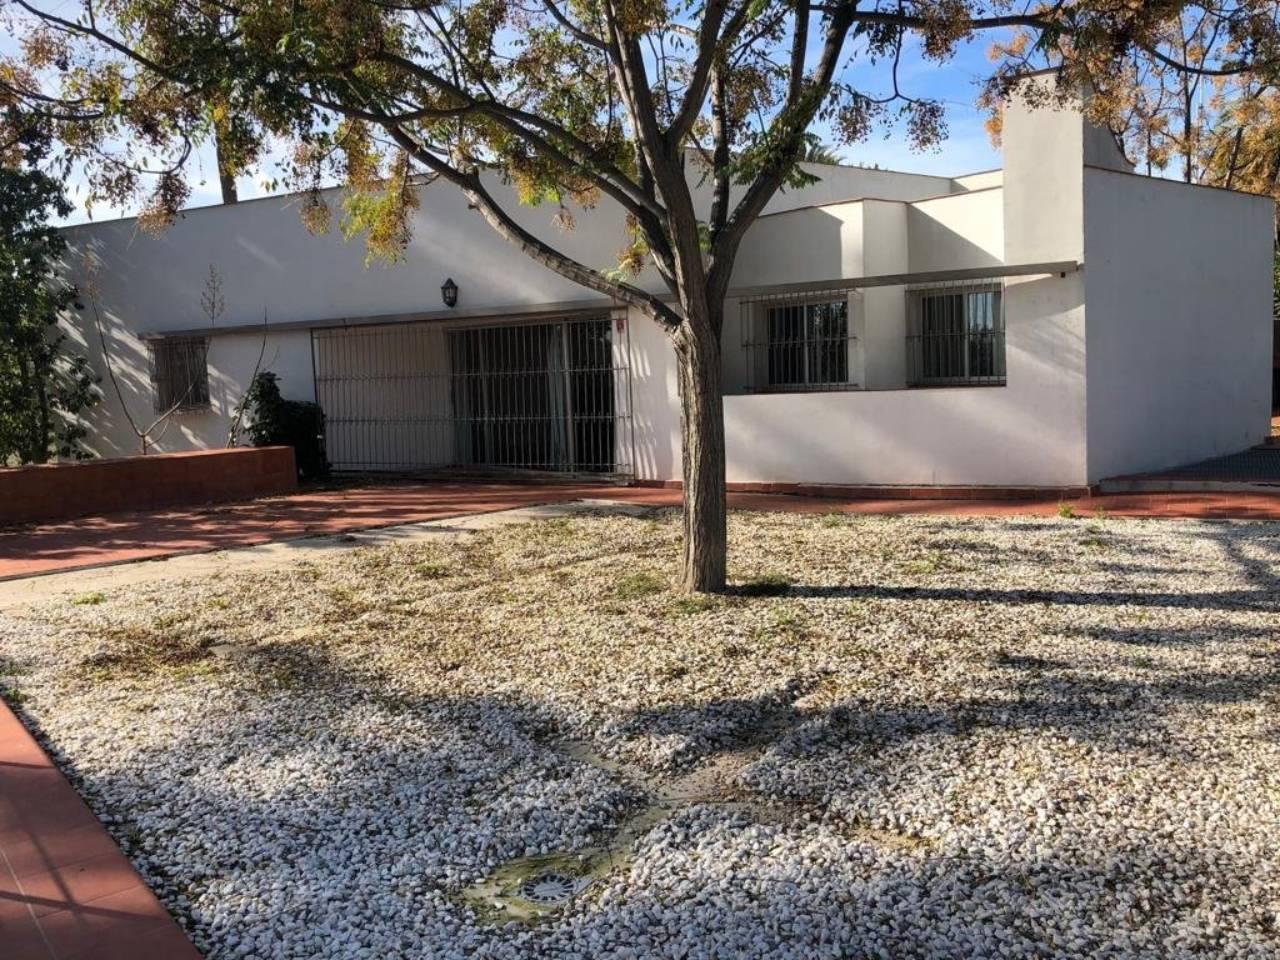 Lloguer Casa  Avenida doctor garcia rogel. Superf. 100 m²,  4 habitaciones (4 dobles),  2 baños, alumbrado,